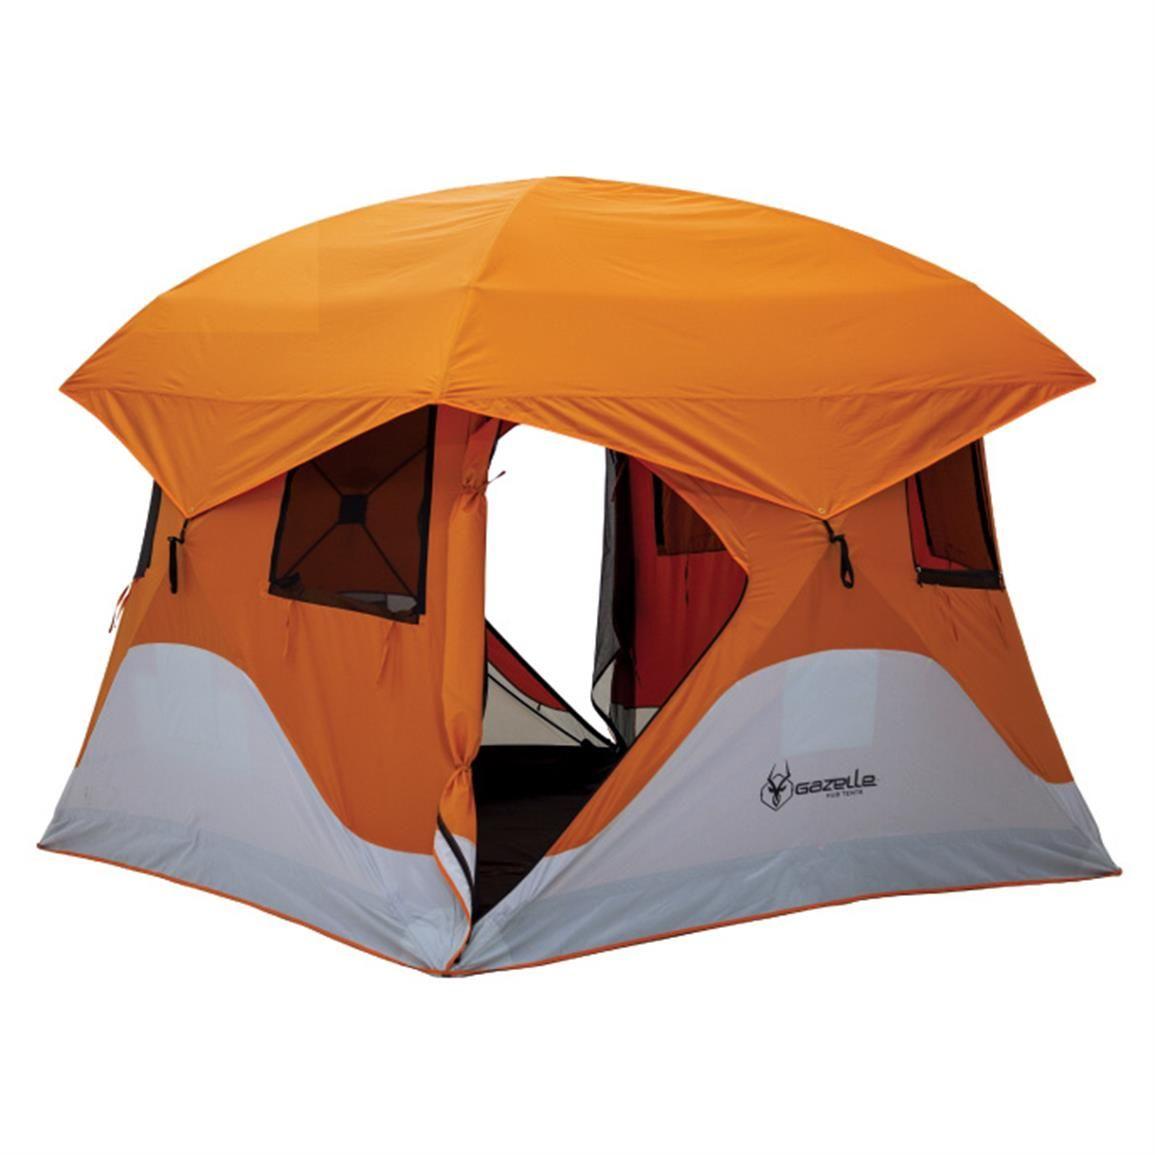 Gazelle 4-Person Pop-Up Tent  sc 1 st  Pinterest & Gazelle 4-Person Pop-Up Tent | Dome tent Tents and Camping